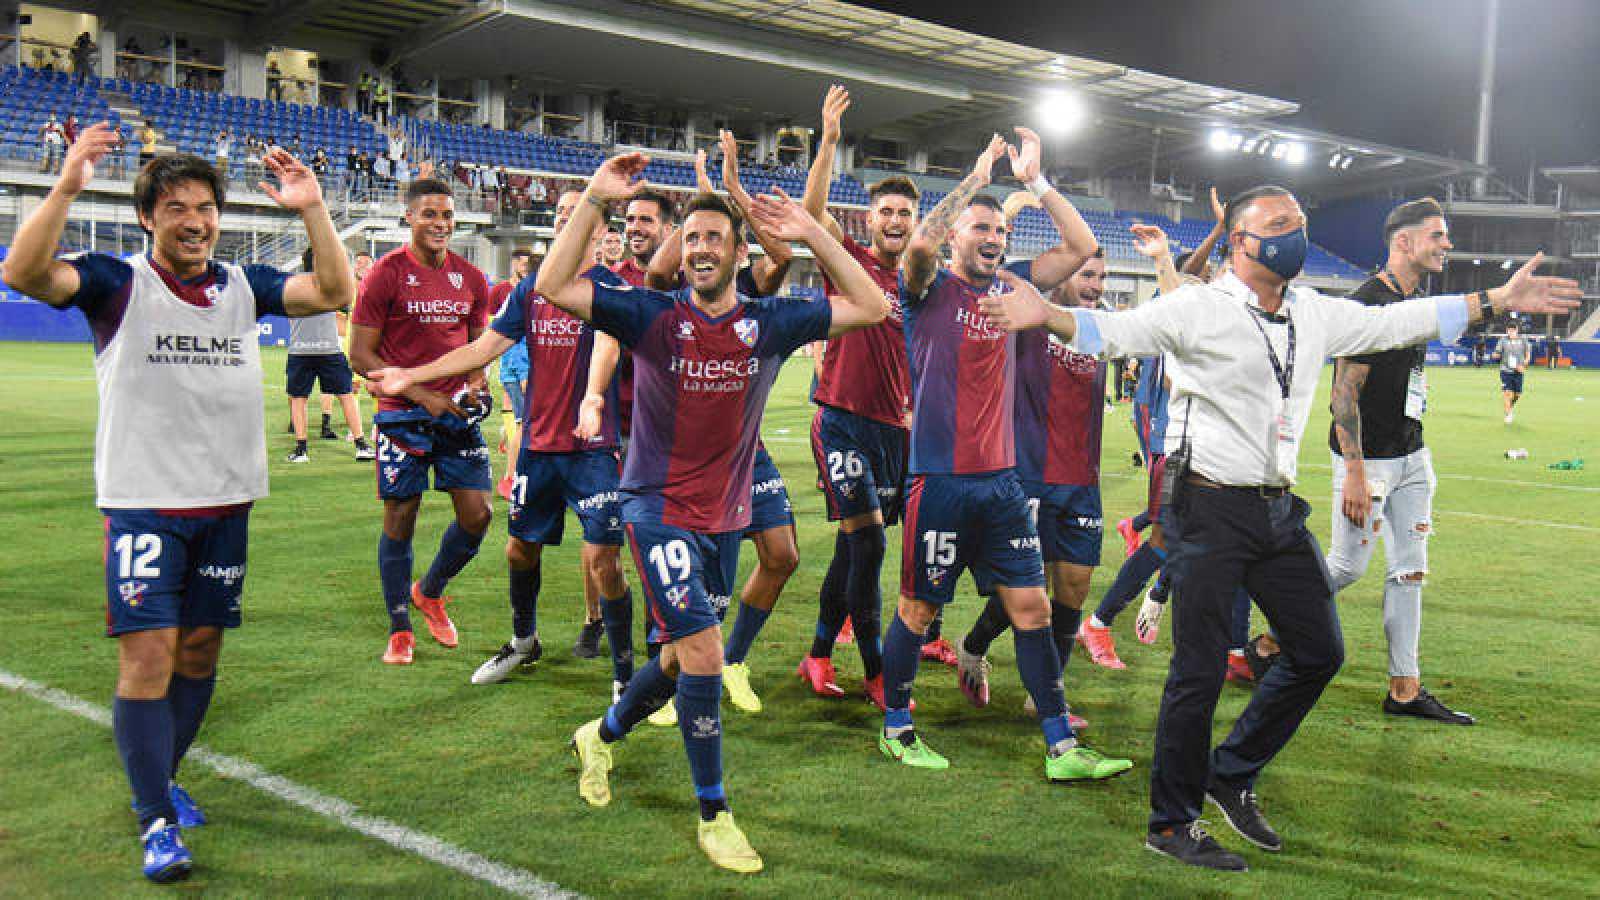 Los jugadores del Huesca celebran el ascenso a Primera.